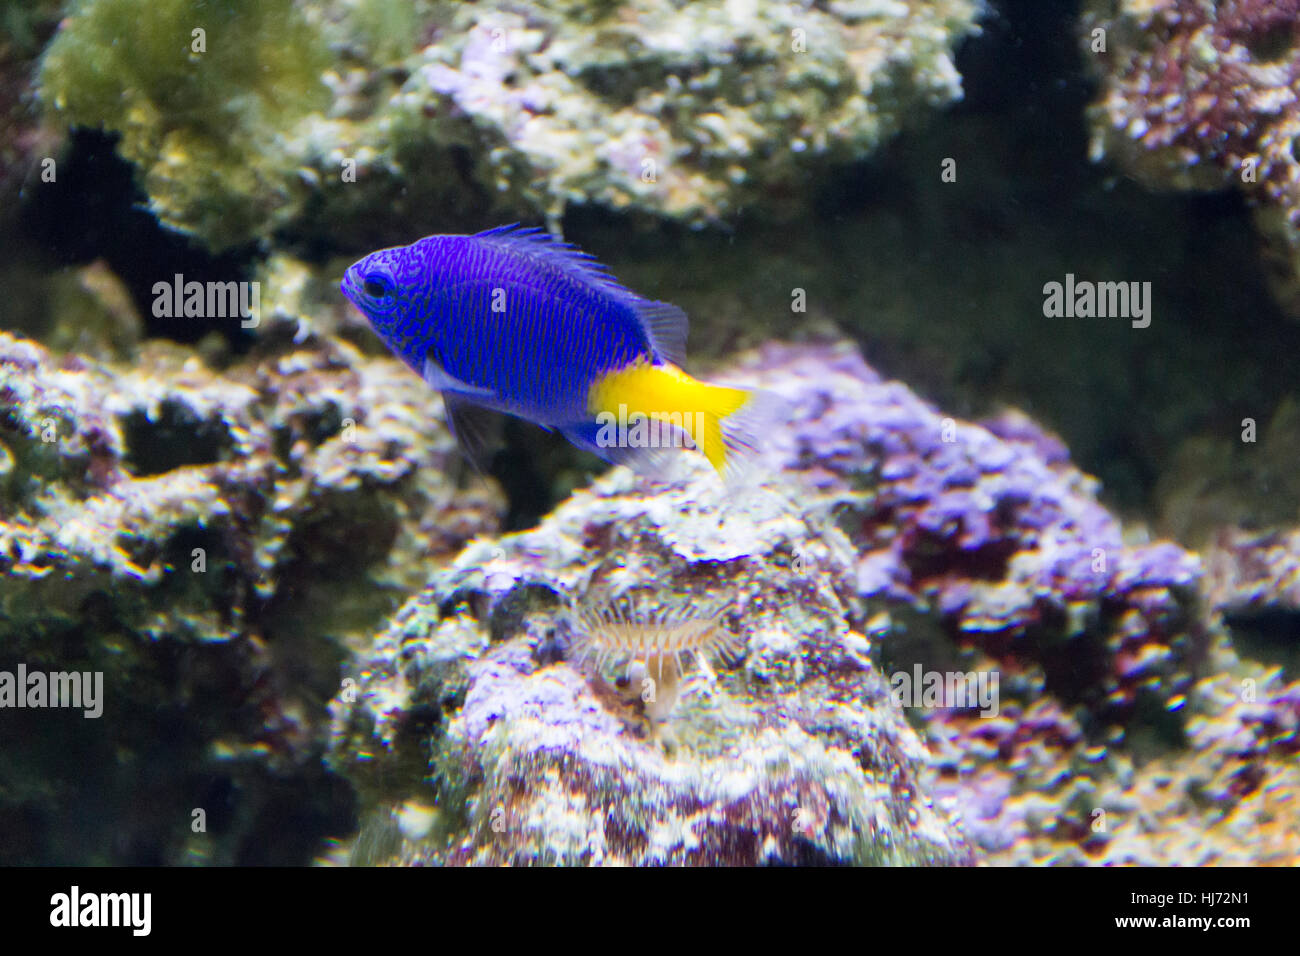 Foto von Aquarium Fisch Chrysiptera Parasema mit gelben Schweif Stockbild